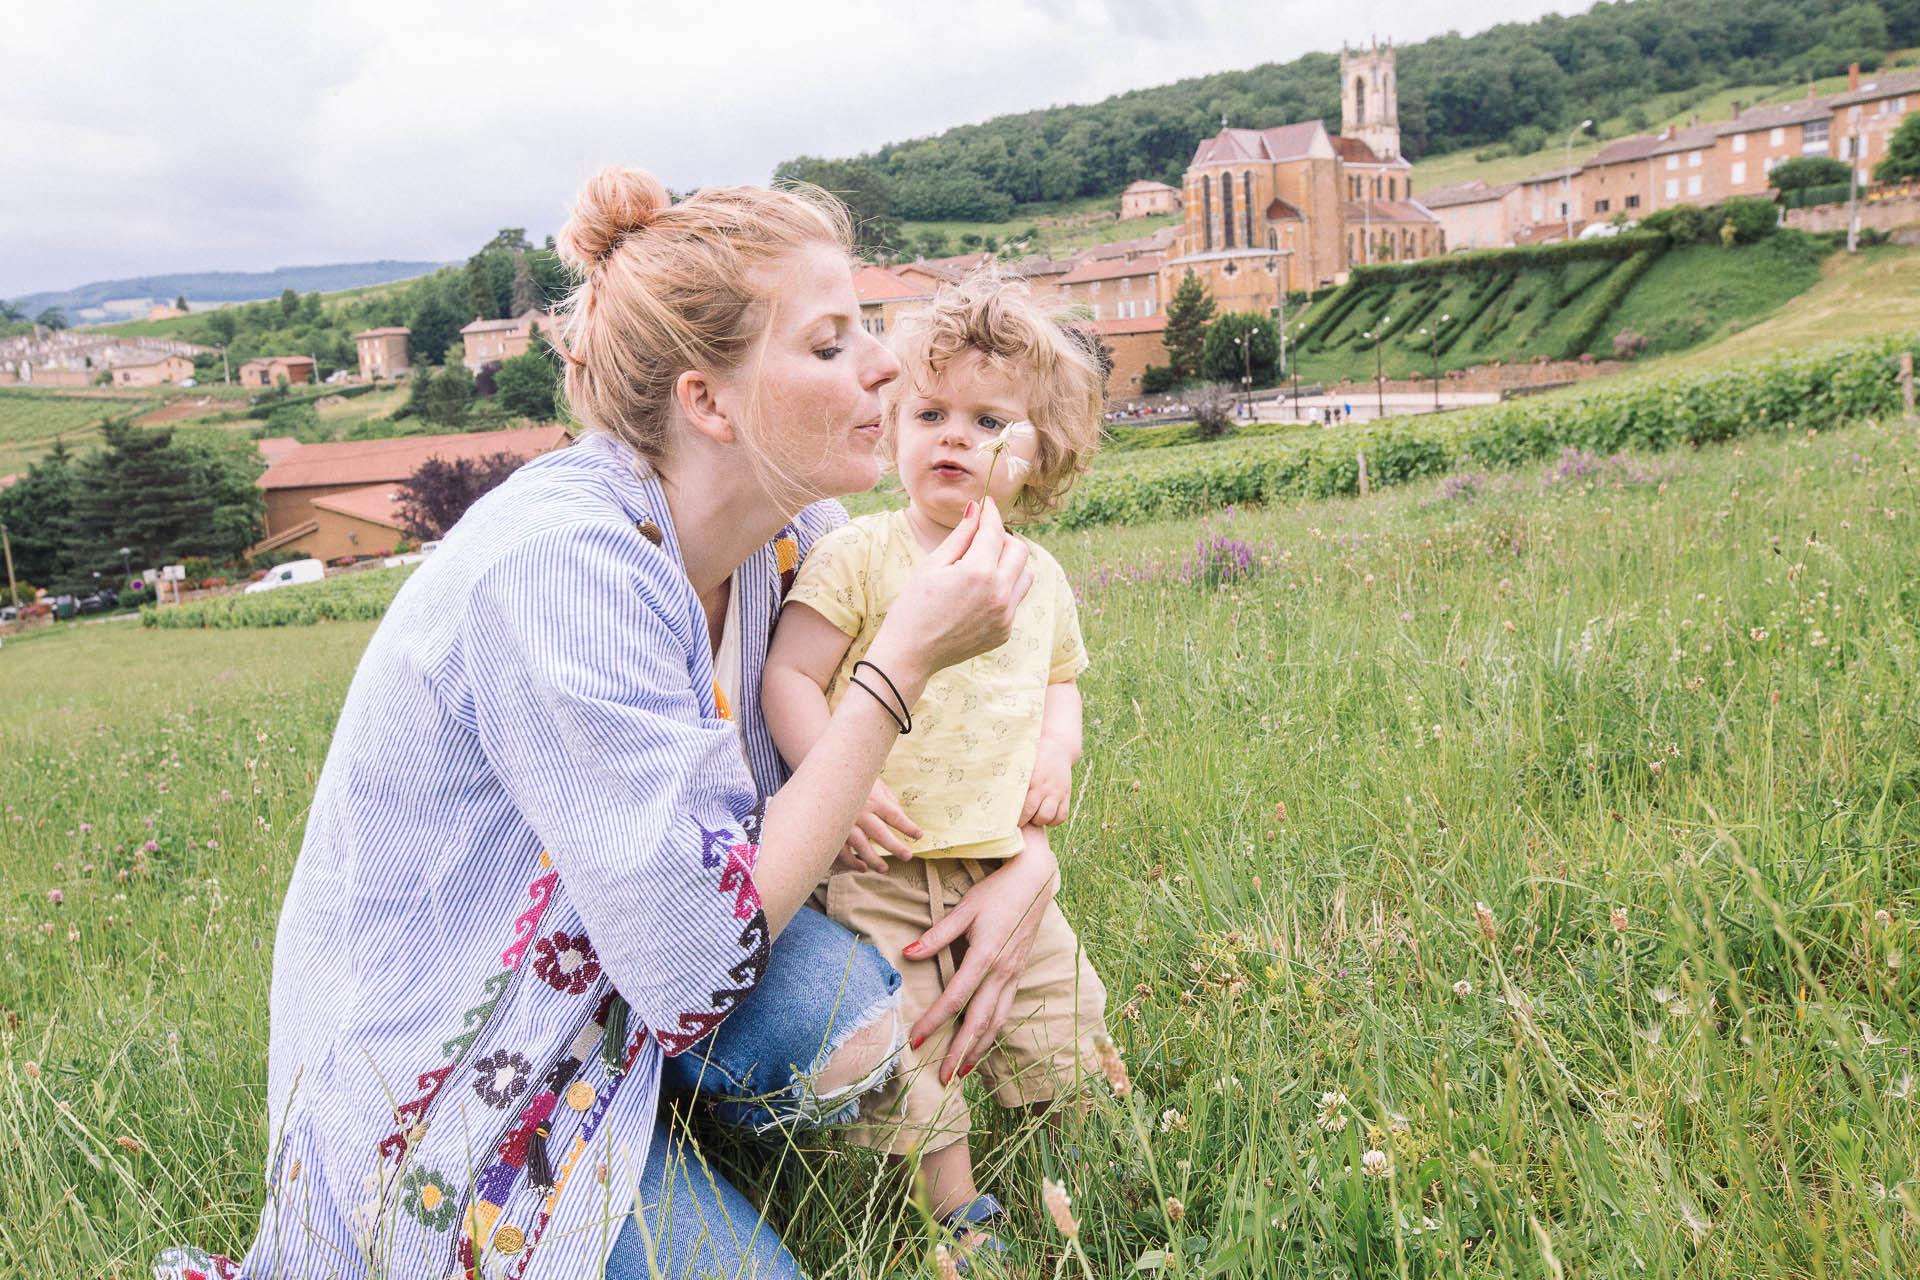 Soren et moi dans un champ dans le Beaujolais